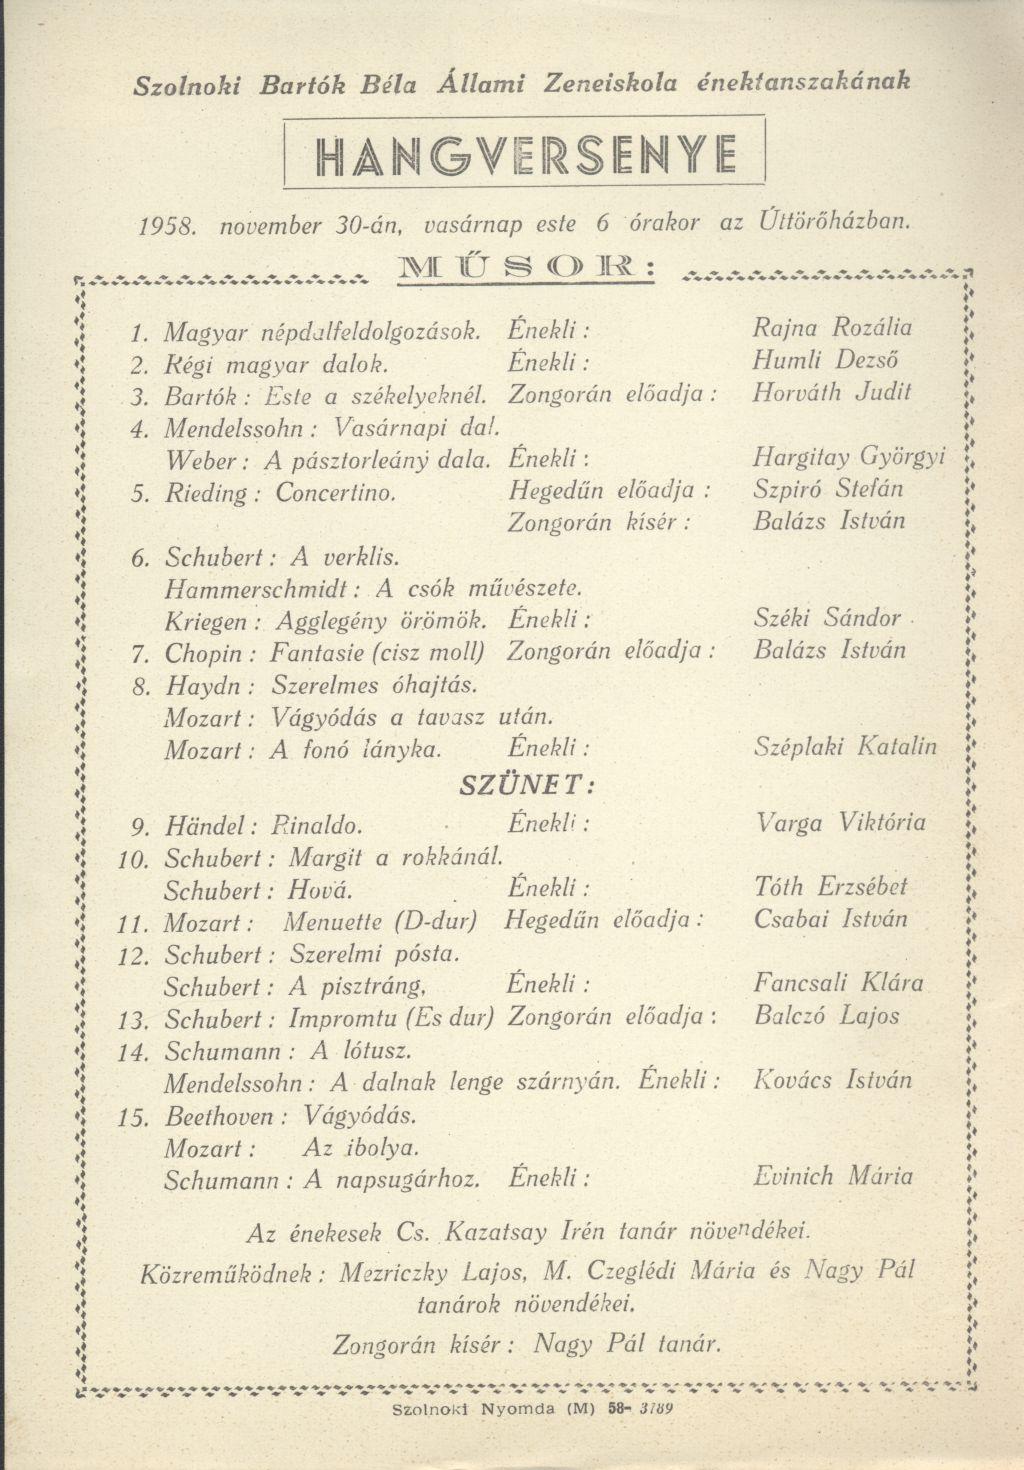 Szolnoki Bartók Béla Állami Zeneiskola énektanszakának hangversenye